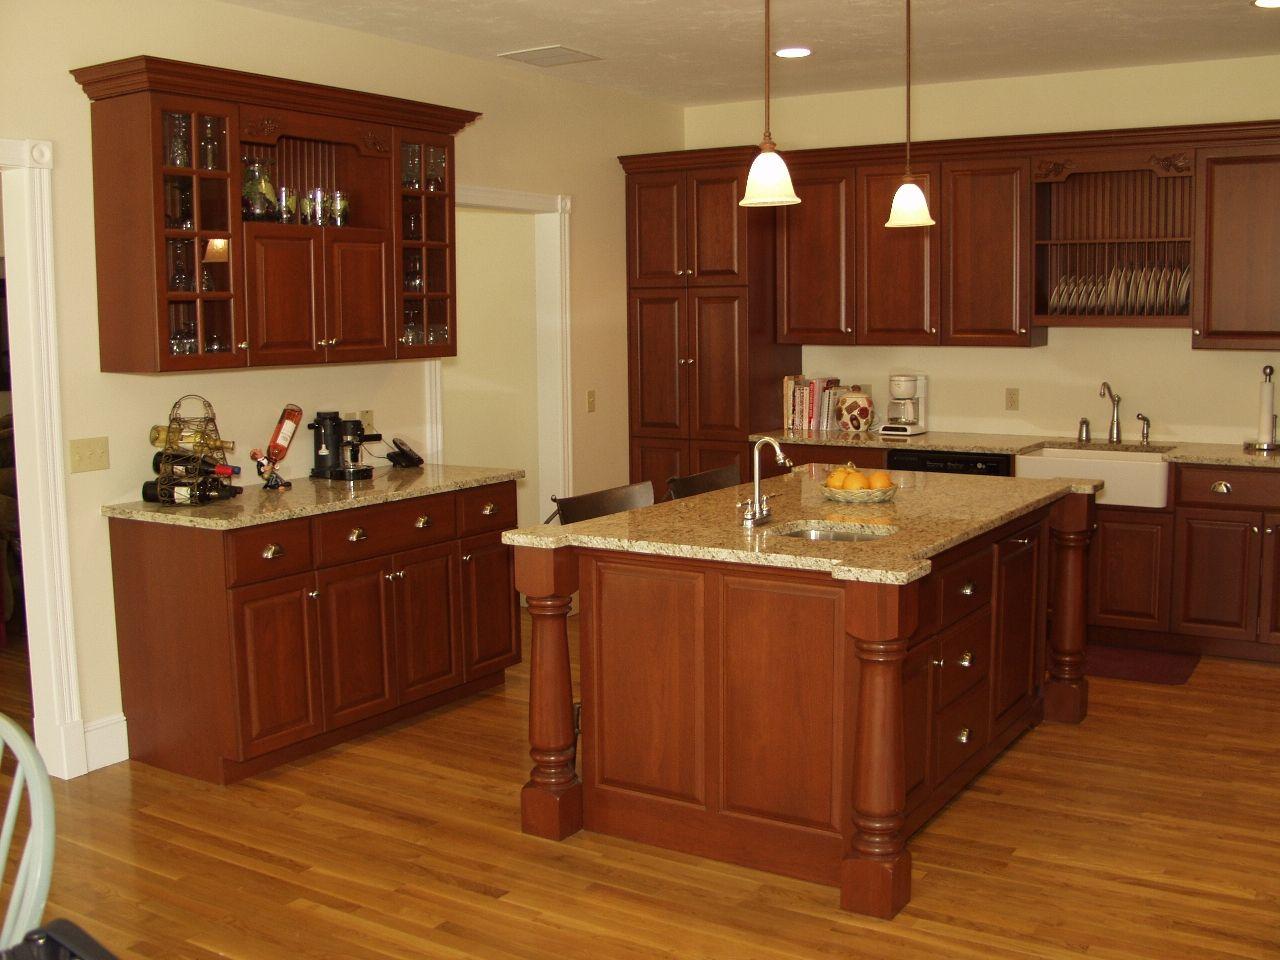 Kitchen:Quartz Countertops With Oak Cabinets Cabinets With ... on Light Maple Kitchen Cabinets With Granite Countertops  id=15337